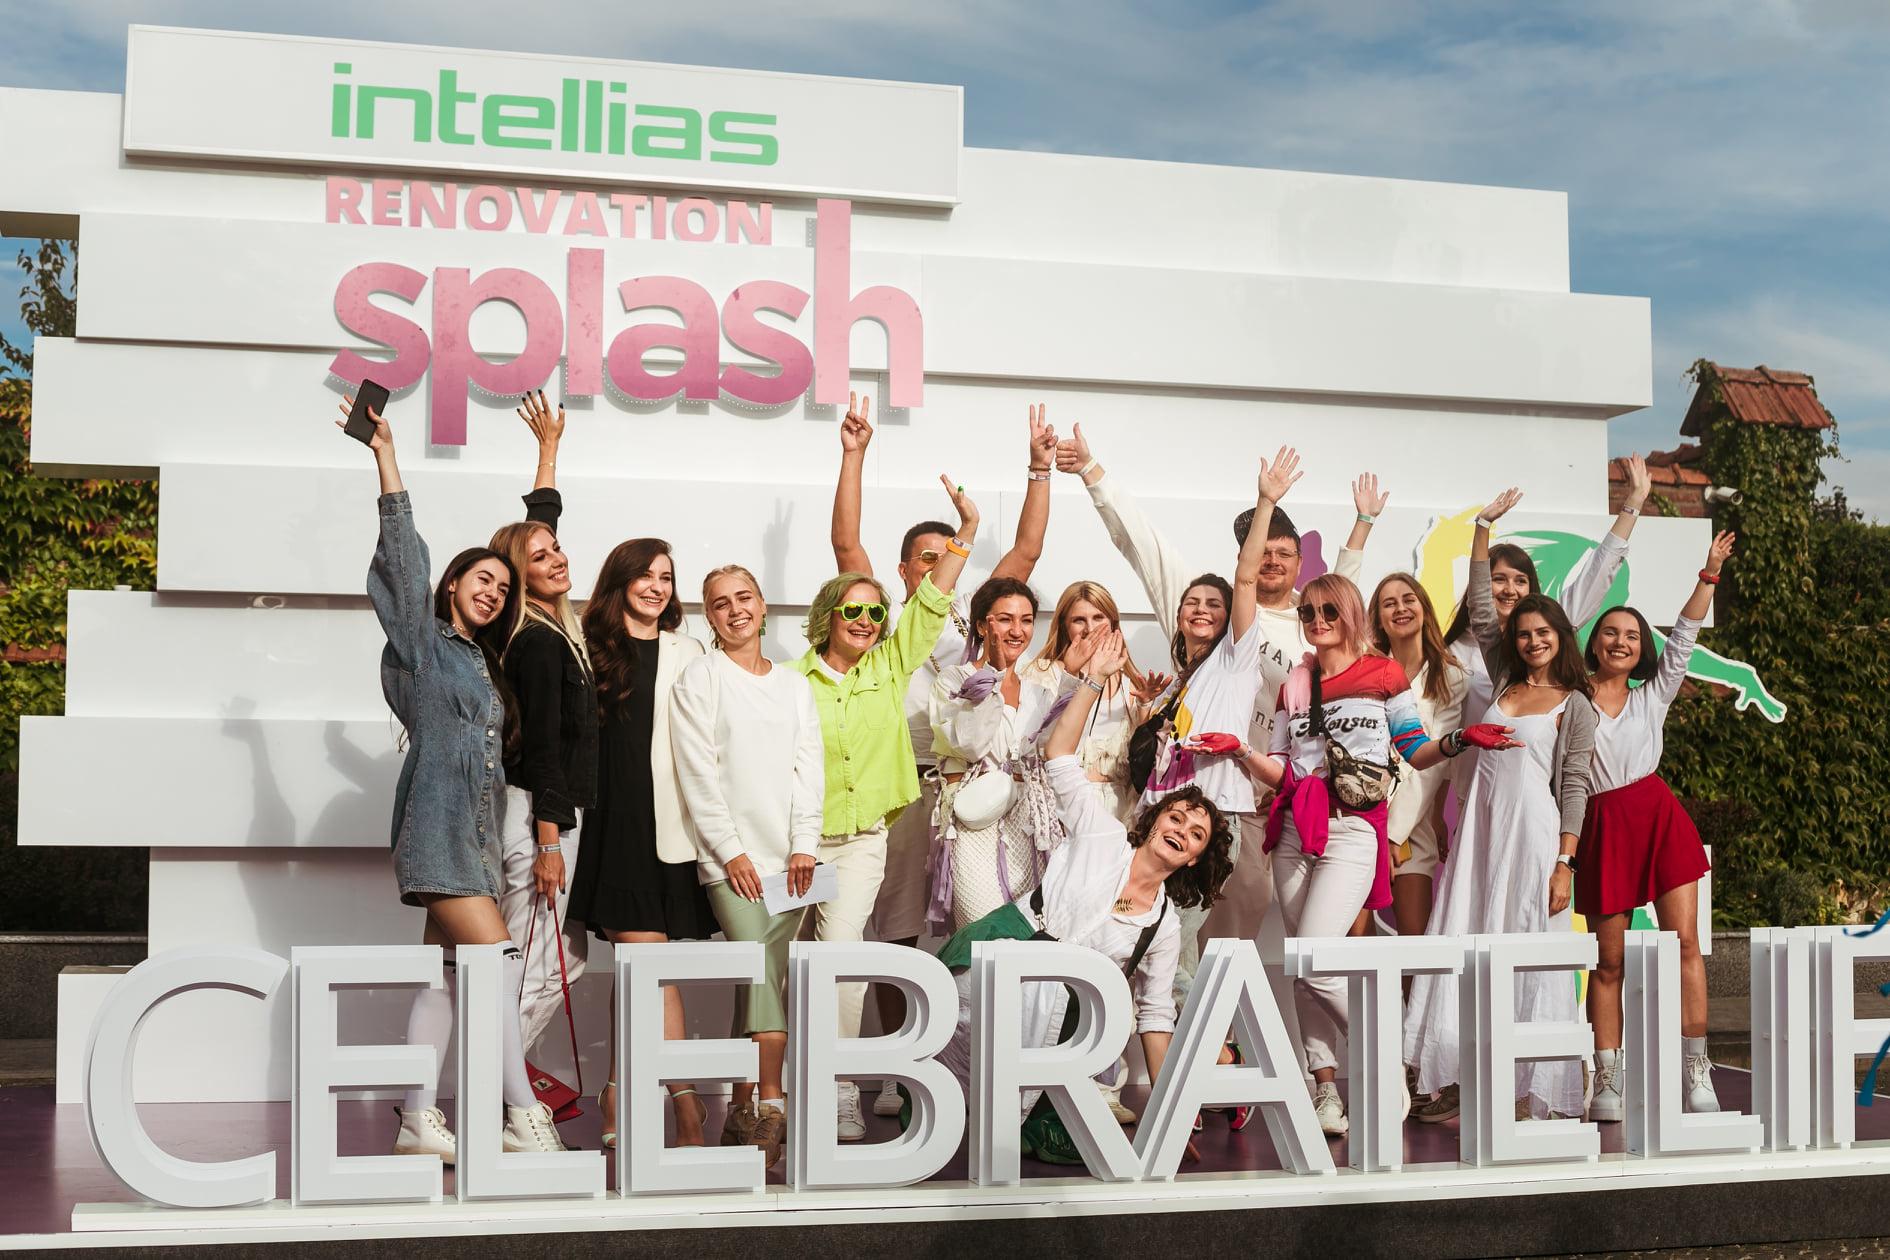 Intellias Renovation Splash як Intellias відсвяткував 19-ту річницю компанії